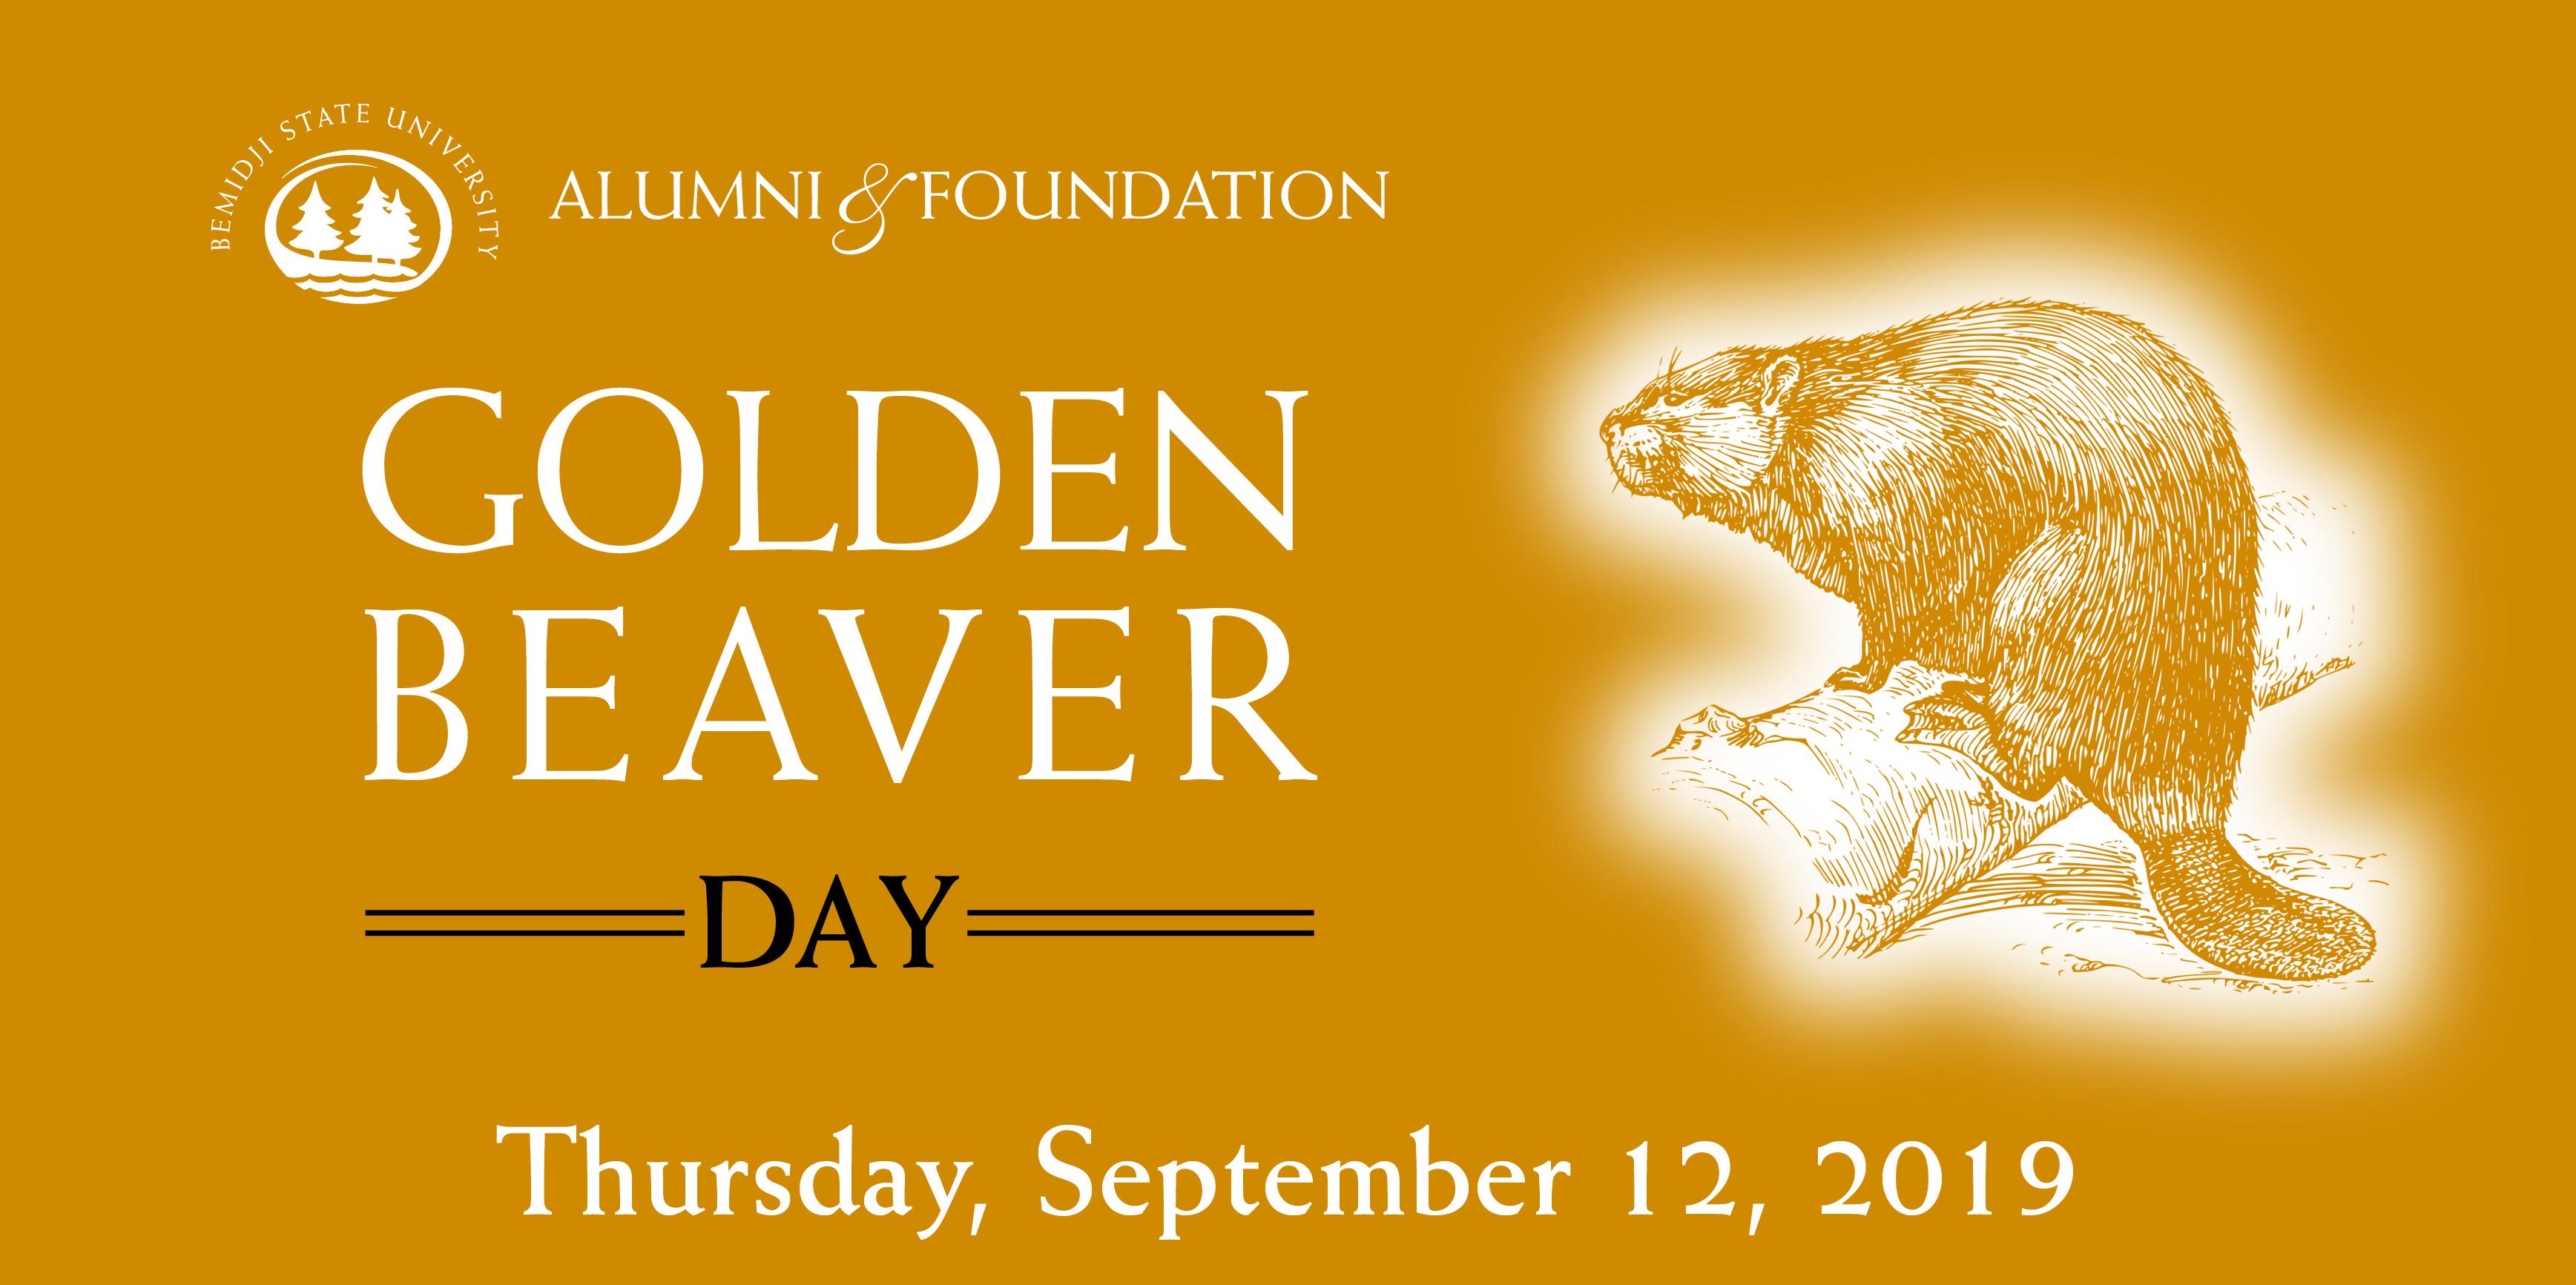 Golden Beaver Day - Sept. 12, 2019